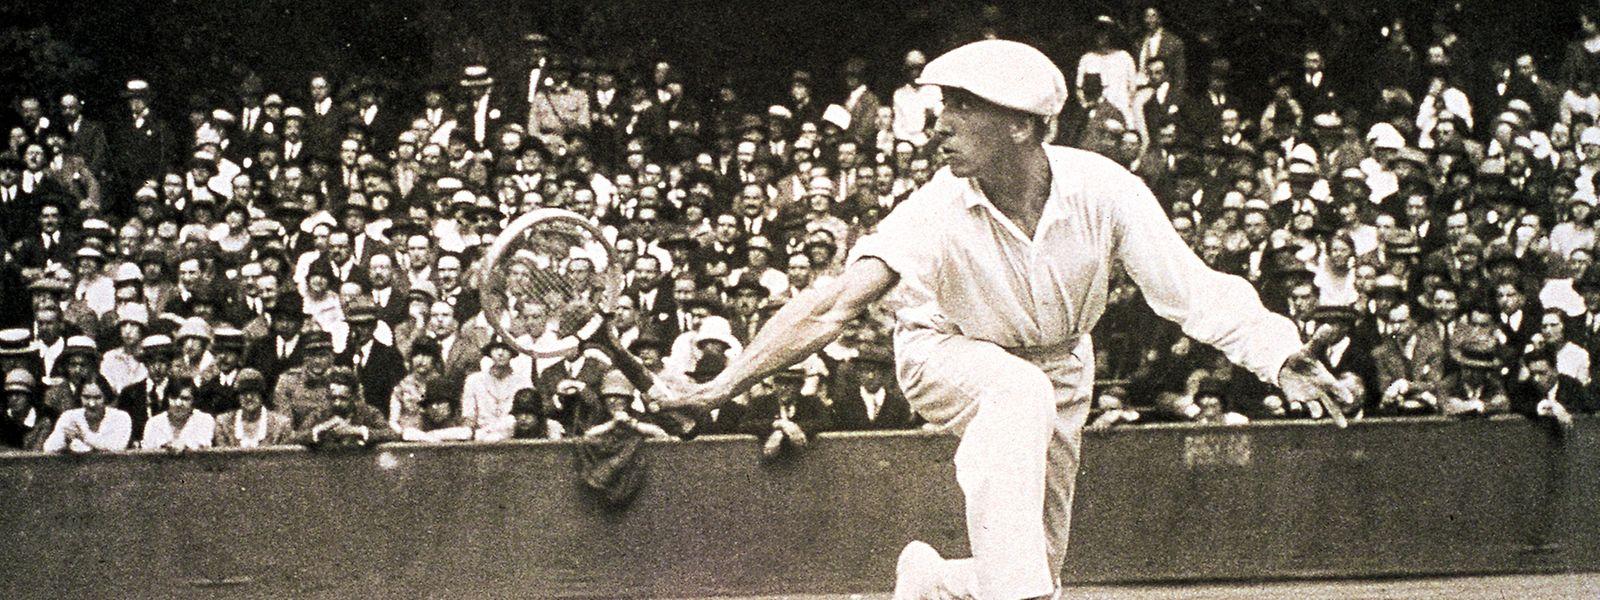 René Lacoste spielte anfangs in einer Stoffhose und einem Hemd mit langen Ärmeln.